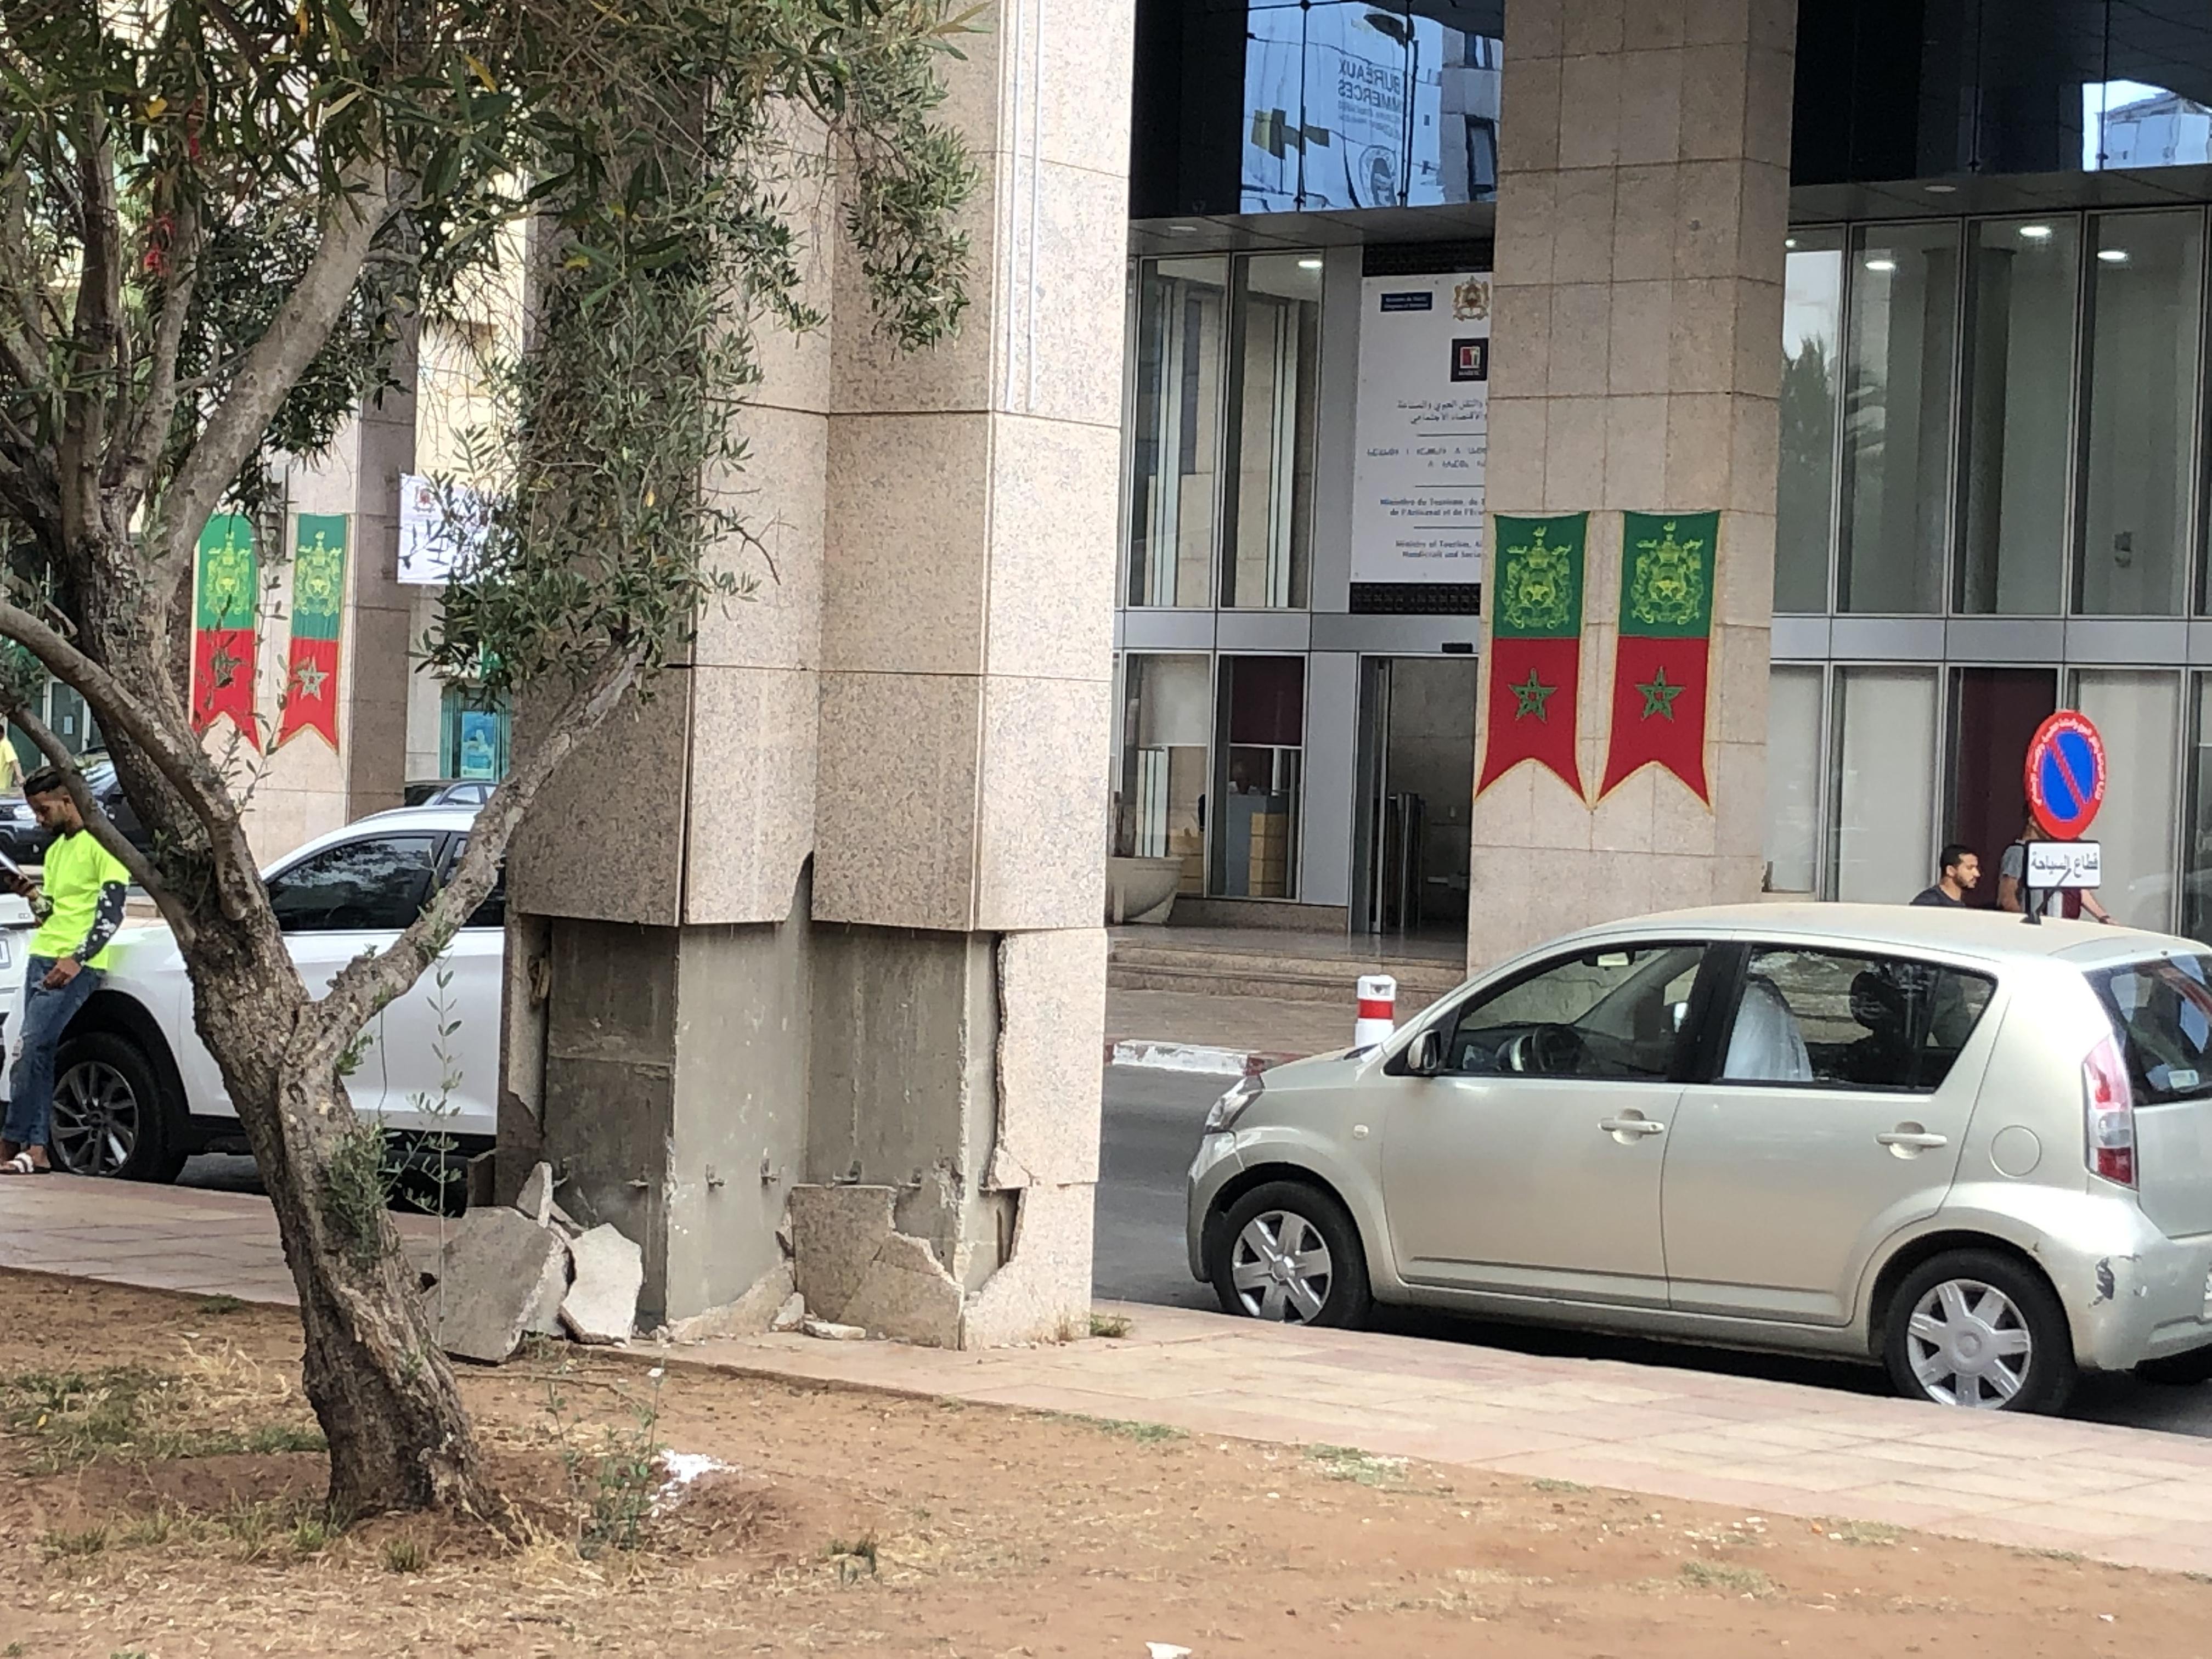 صور/حي الرياض الراقي يتحولُ لحي مُتسِخ وكارثي في عهد تسيير البيجيدي